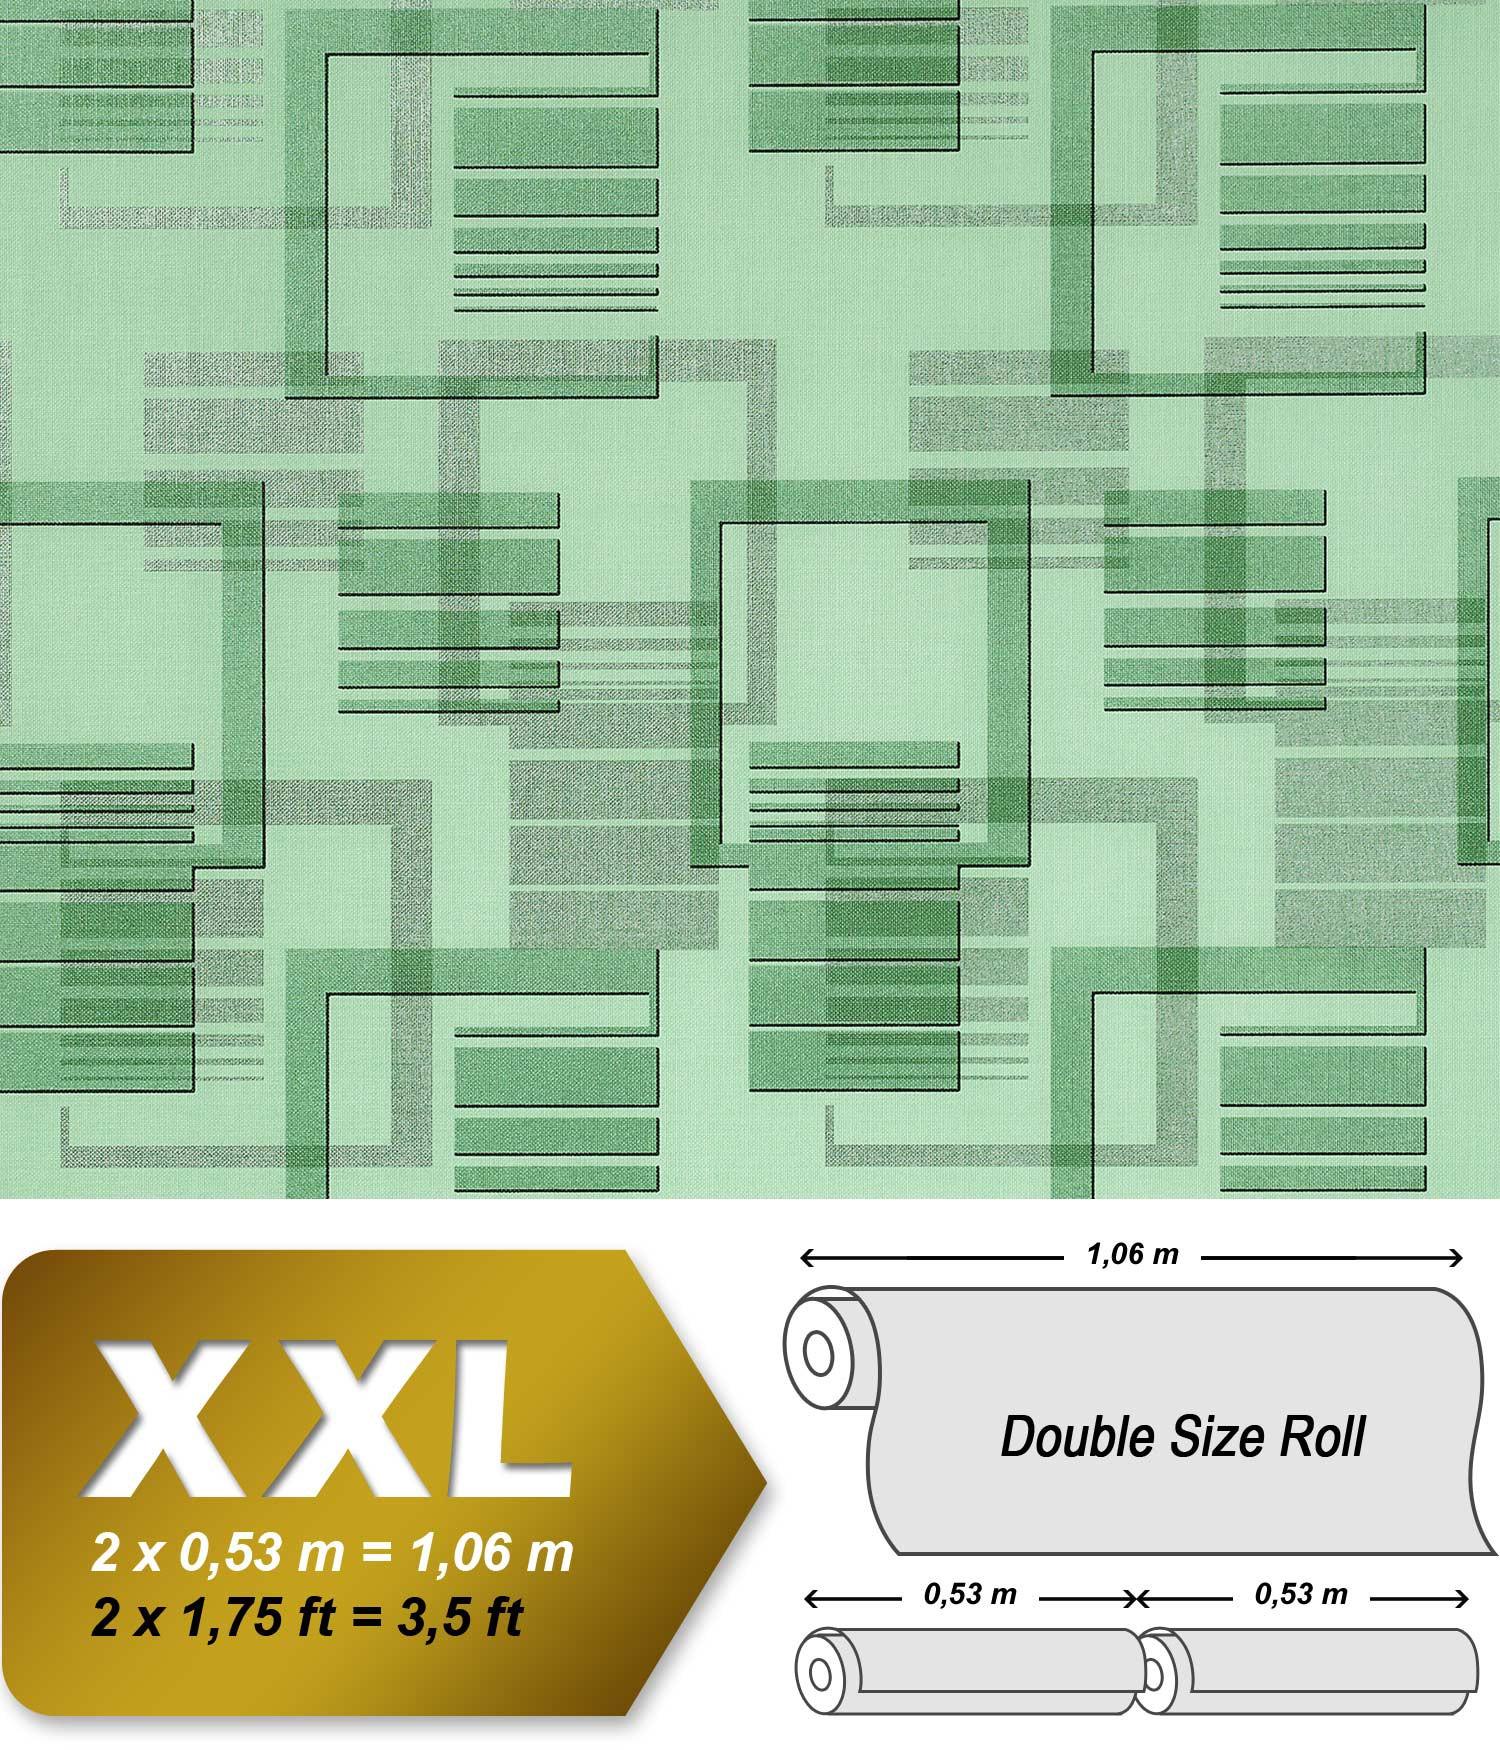 Retro behang jaren 70 interieur edem 609 95 vliesbehang xxl designbehang abstract motief groen - Behang van de jaren ...